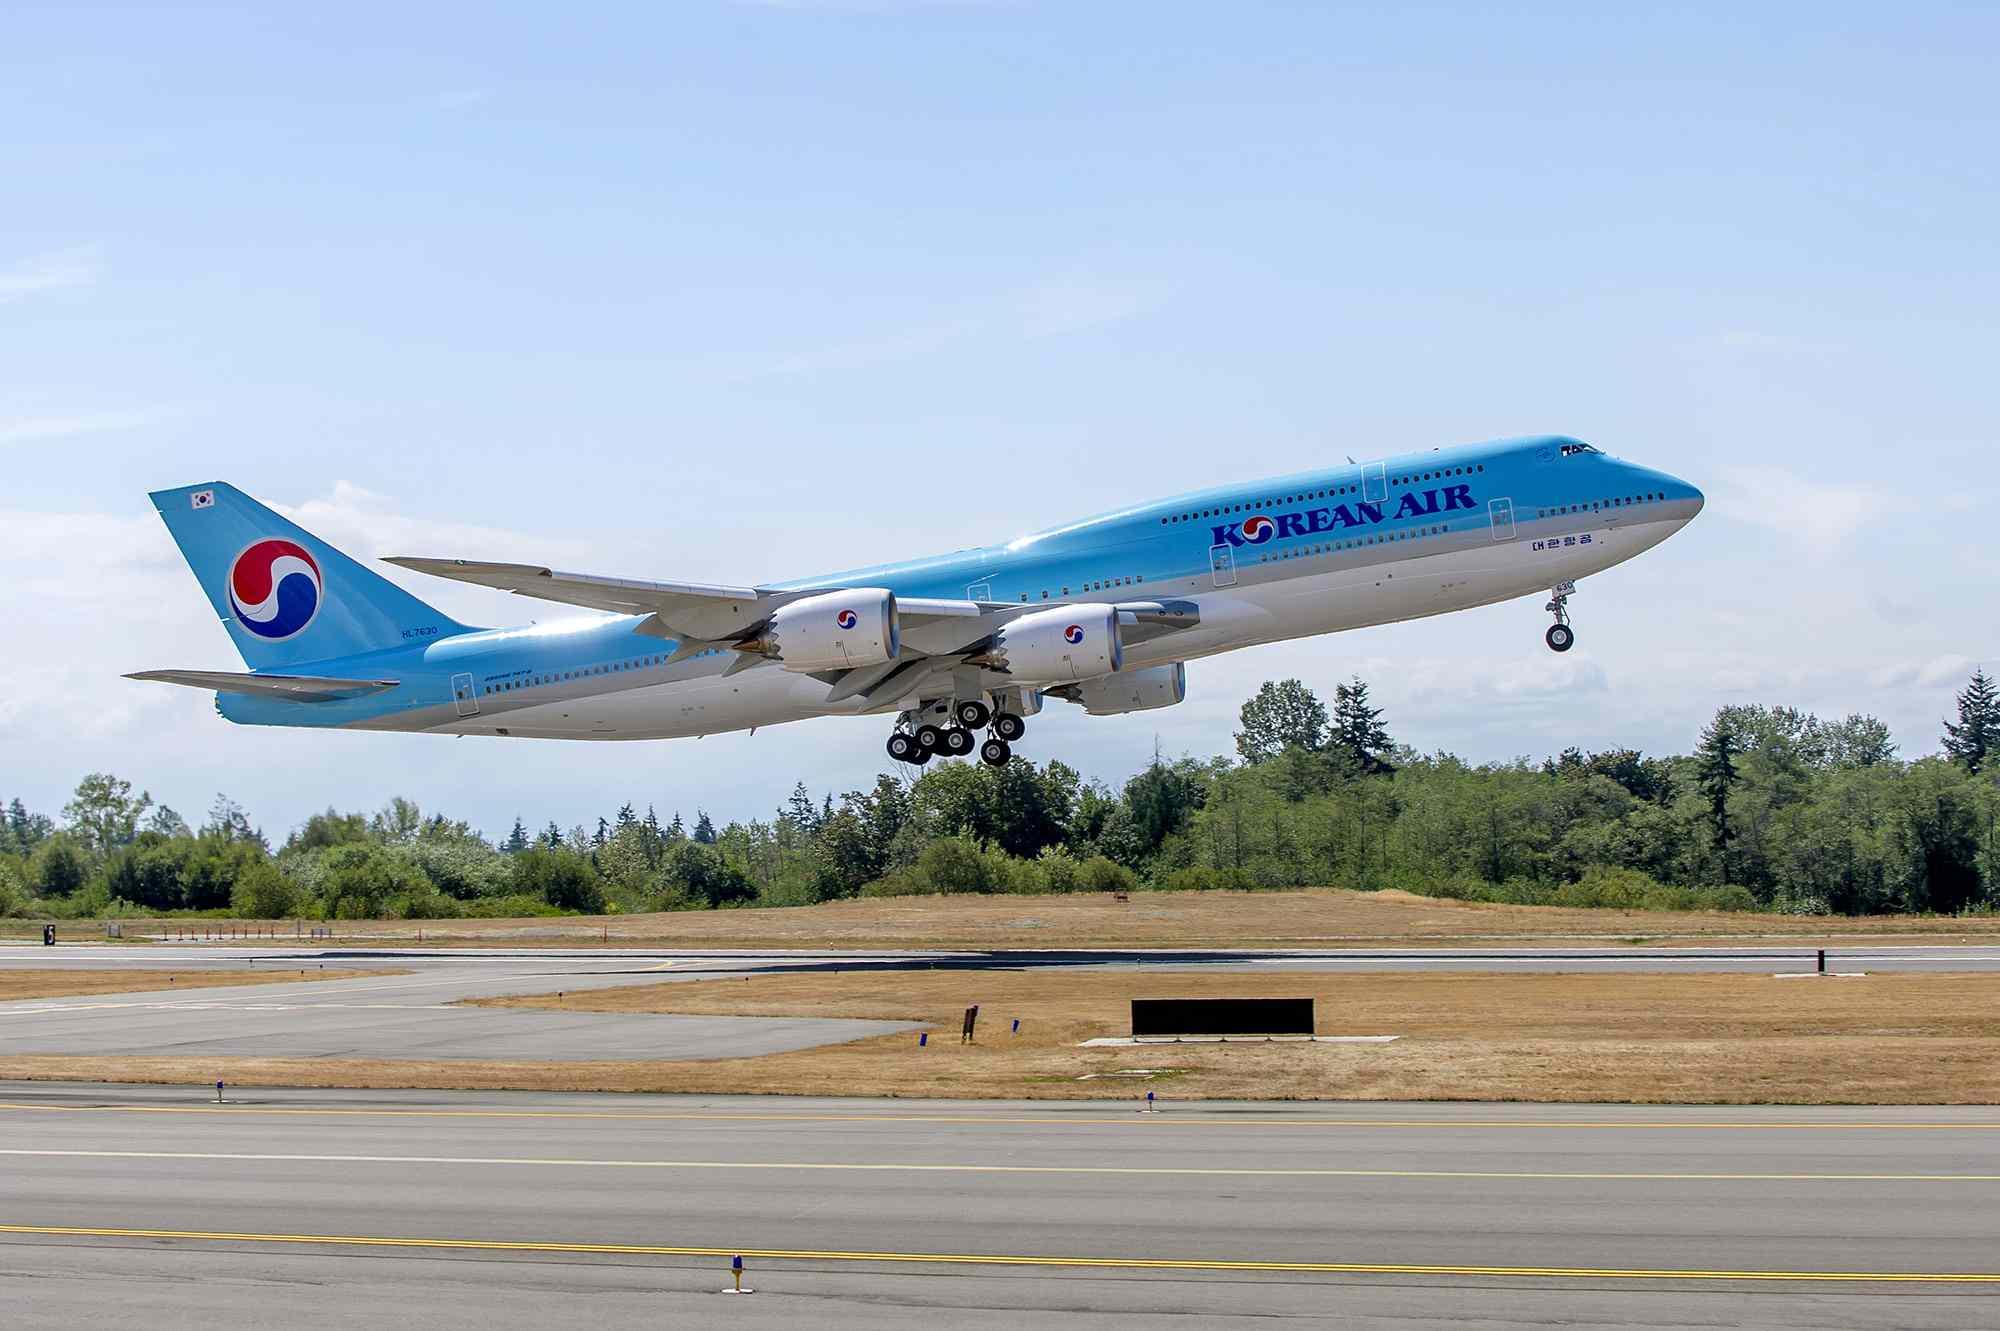 Korean Air B747